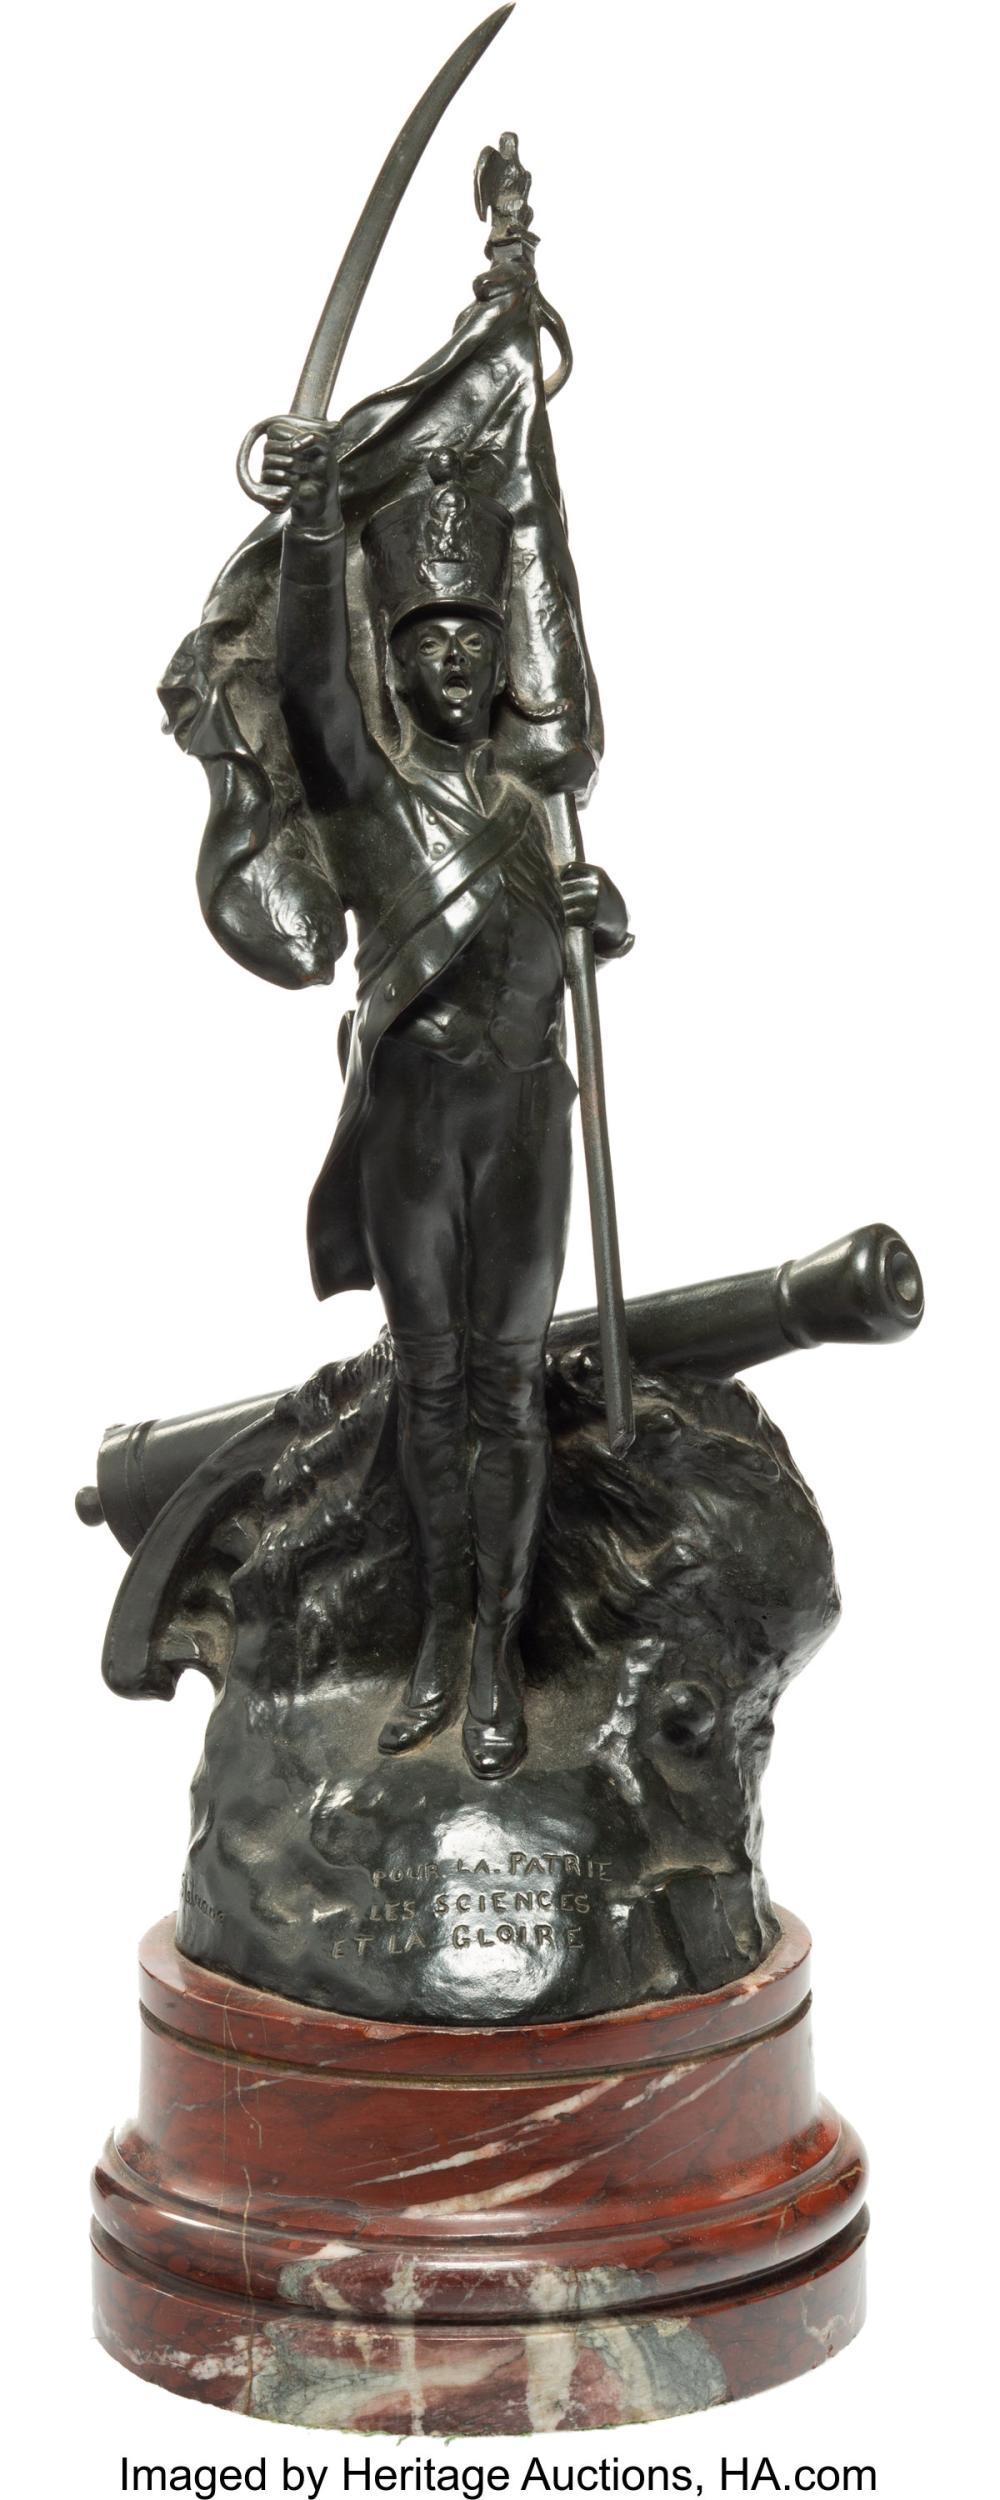 Corneille Henri Theunissen (French, 1863-1918) Pour la Patrie les Sciences et la